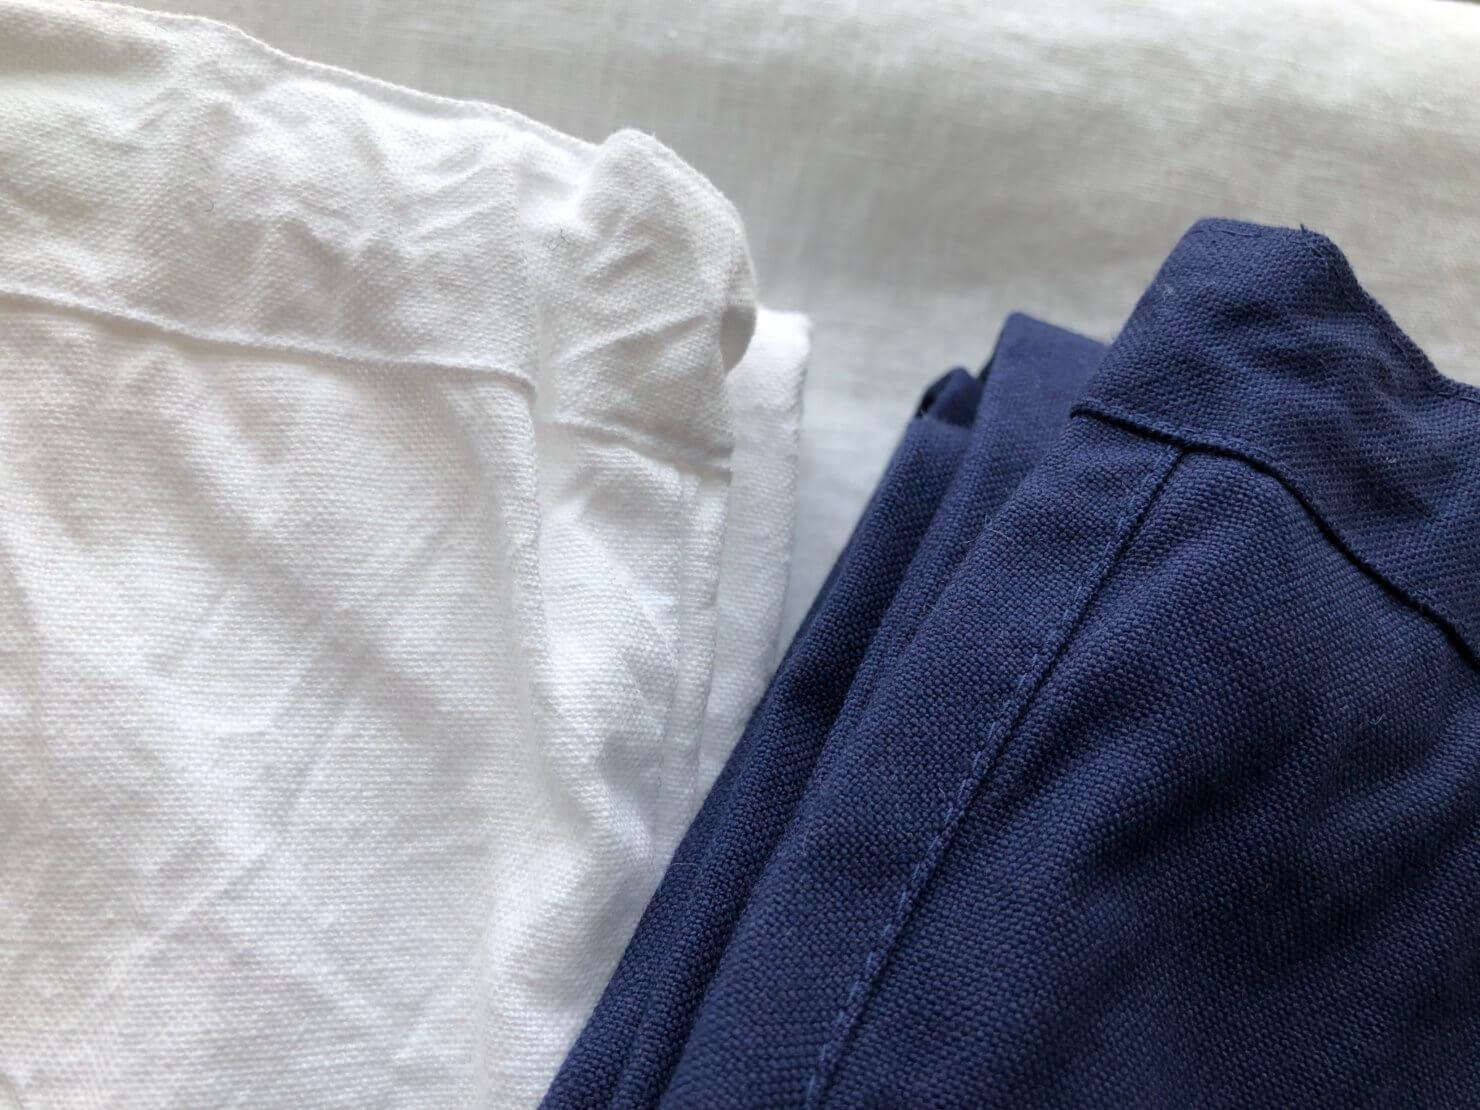 白パンツとブルーパンツ